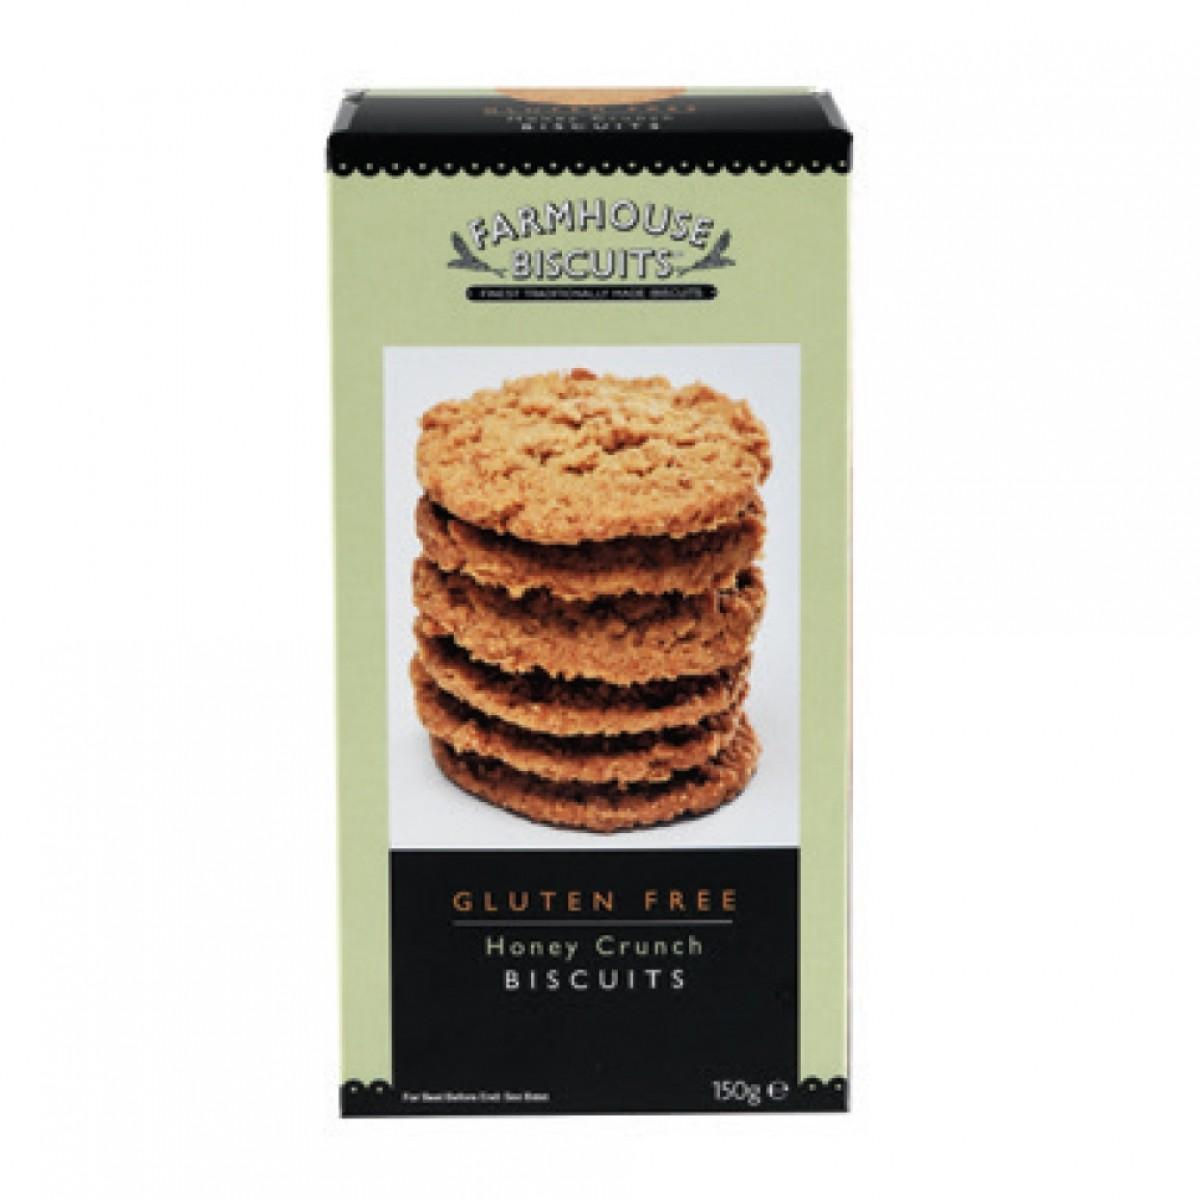 Honey Crunch Biscuits